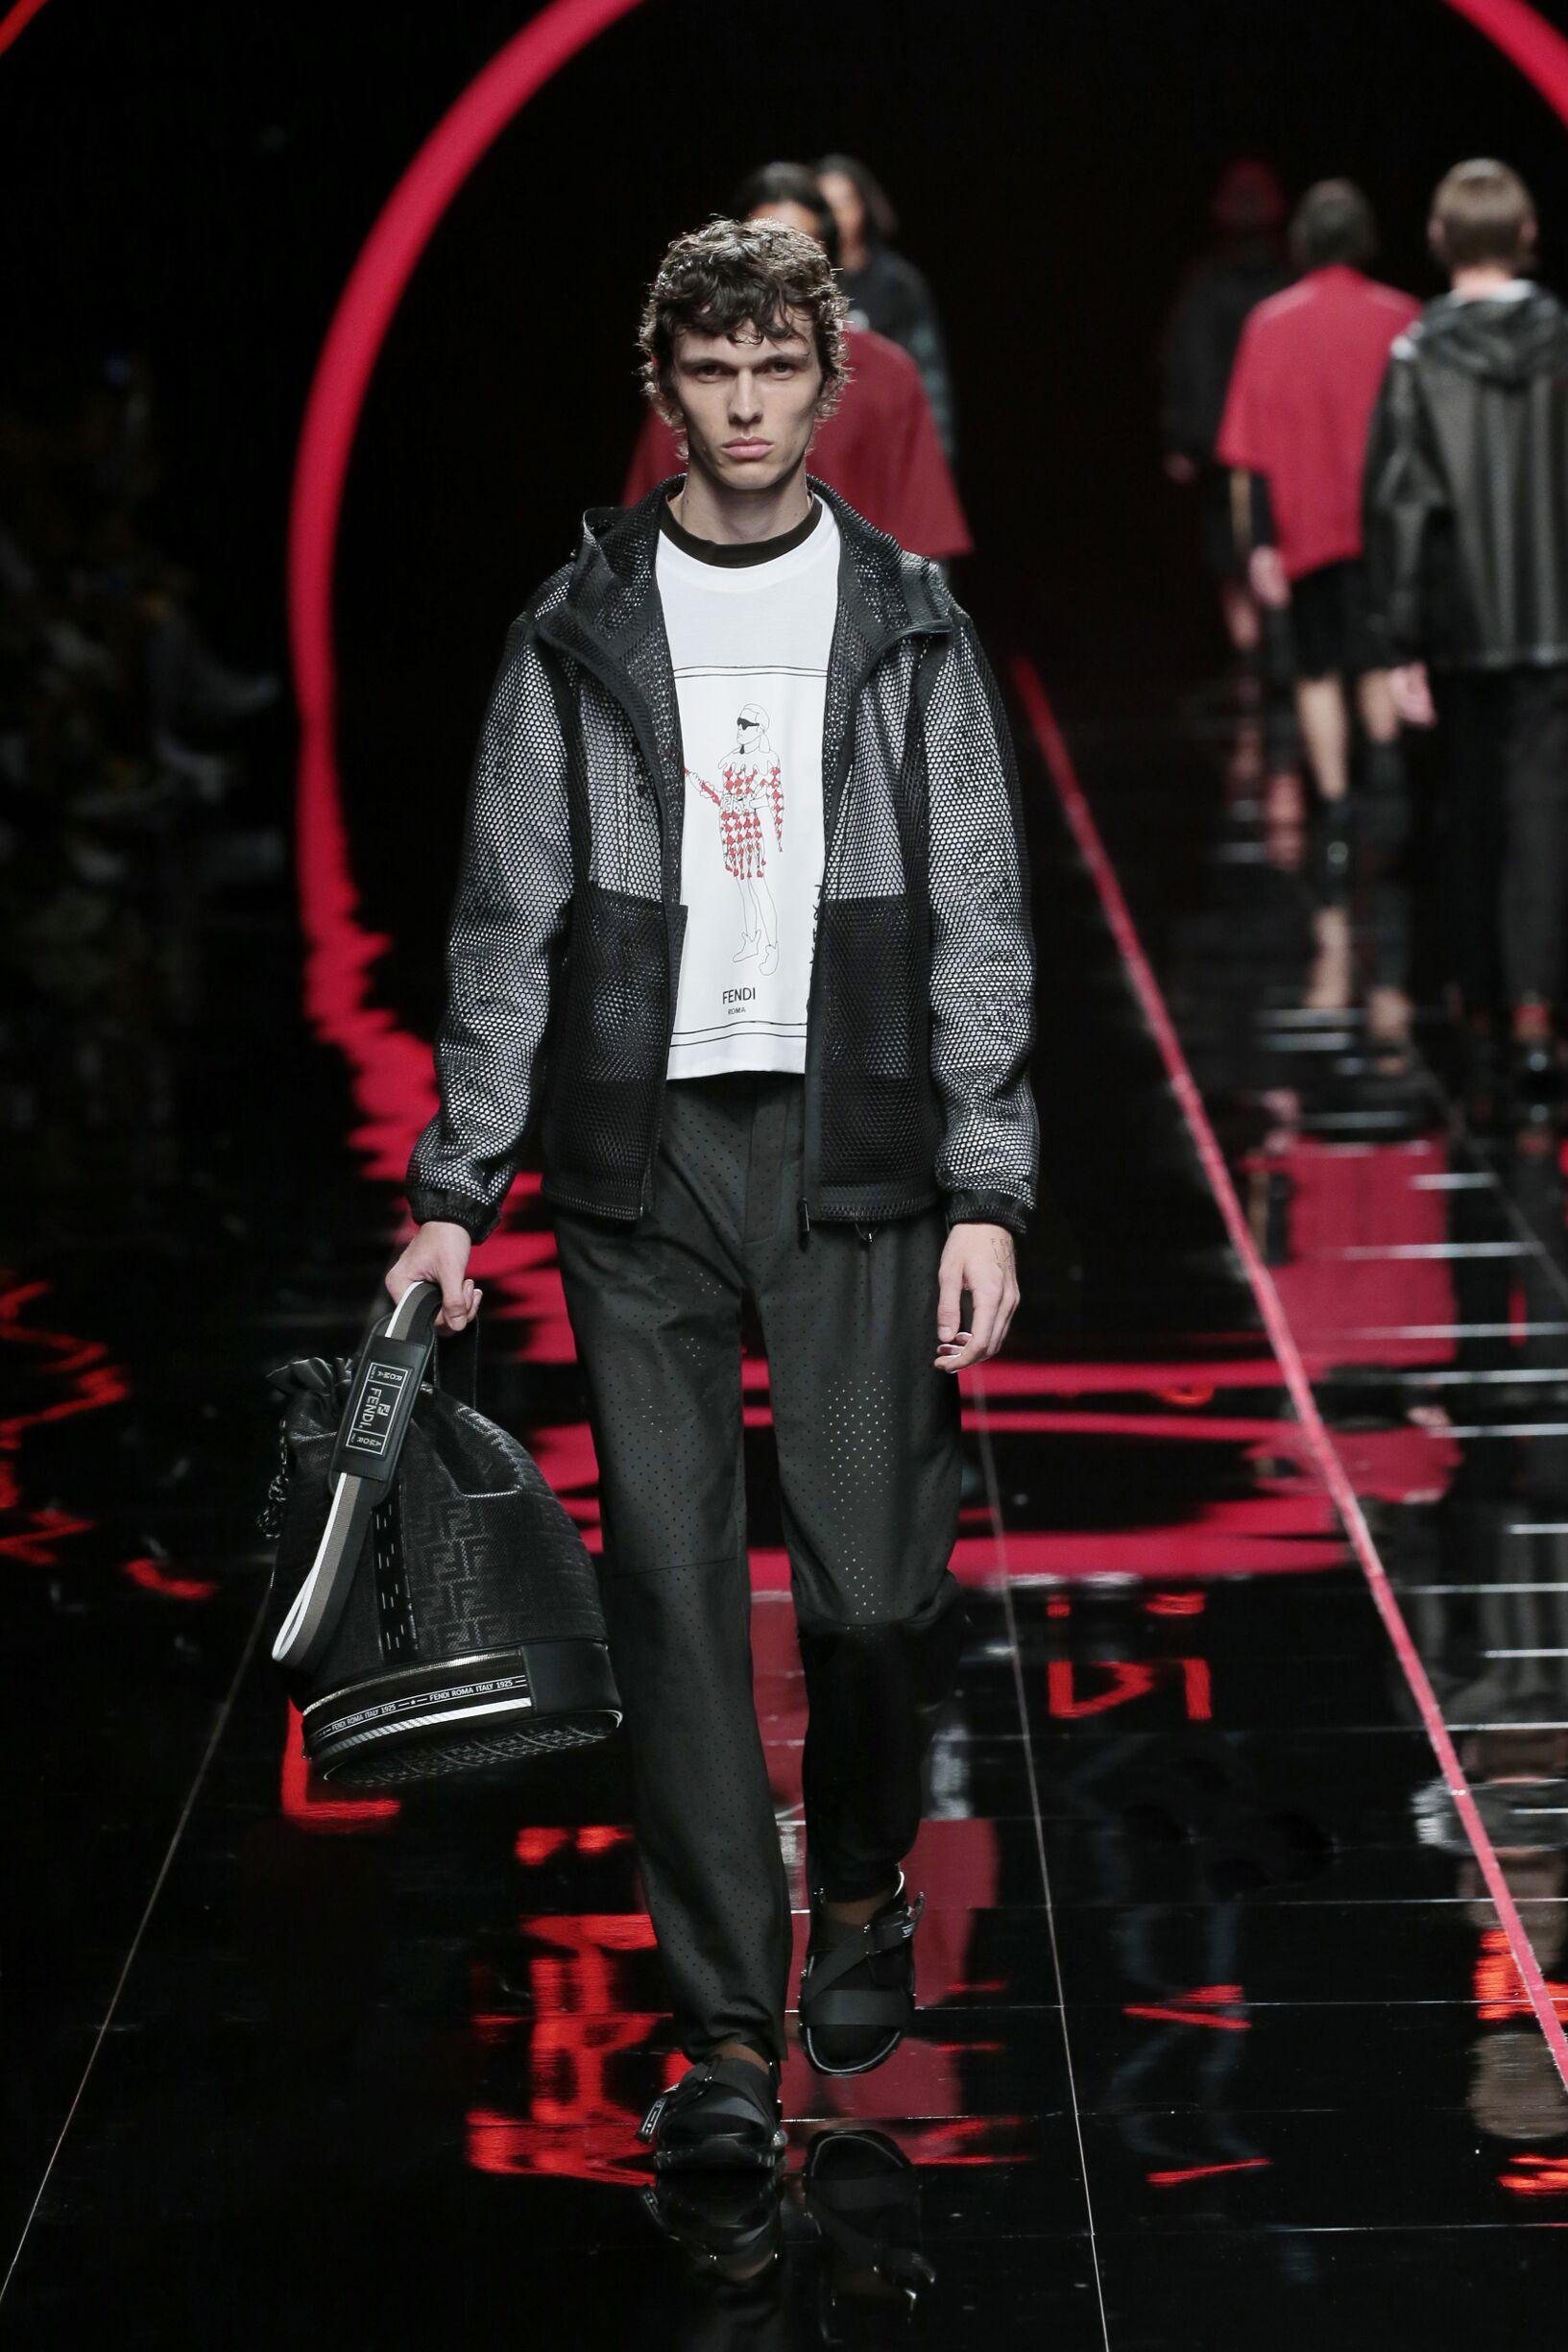 Runway Fendi Spring Summer 2019 Men's Collection Milan Fashion Week